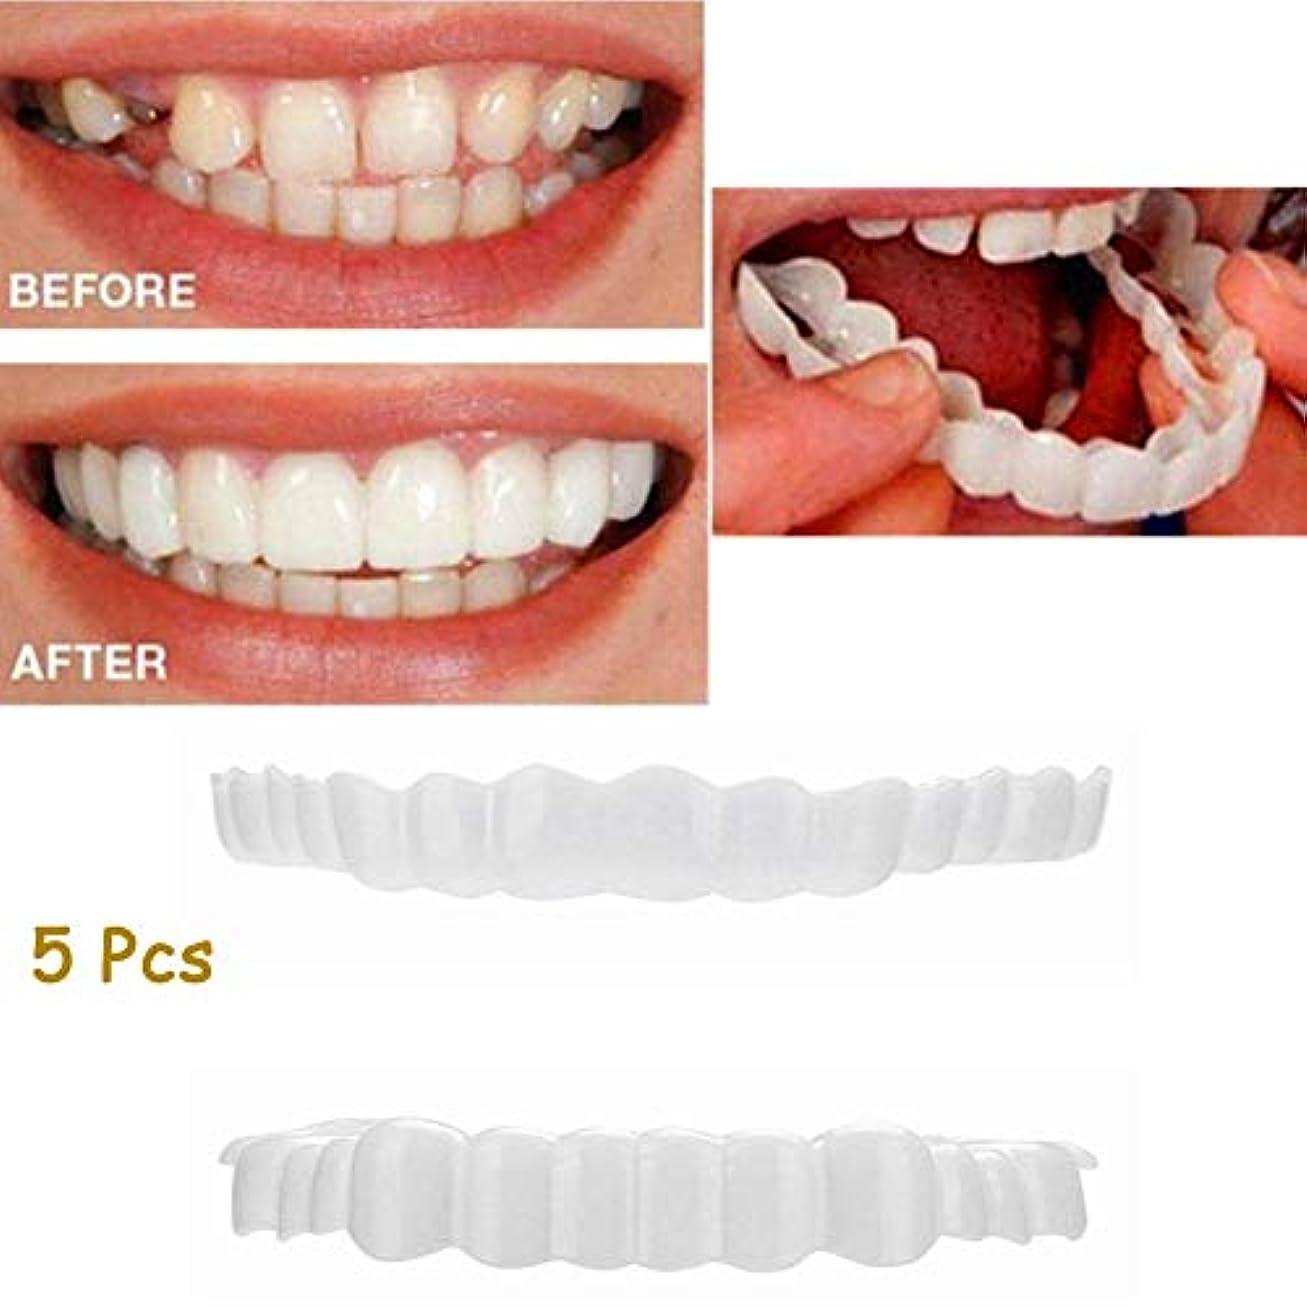 5ピース上歯+下歯セットインスタントパーフェクトコンフォートフィットフレックス化粧品歯入れ歯歯ホワイトニングスマイルフェイク歯